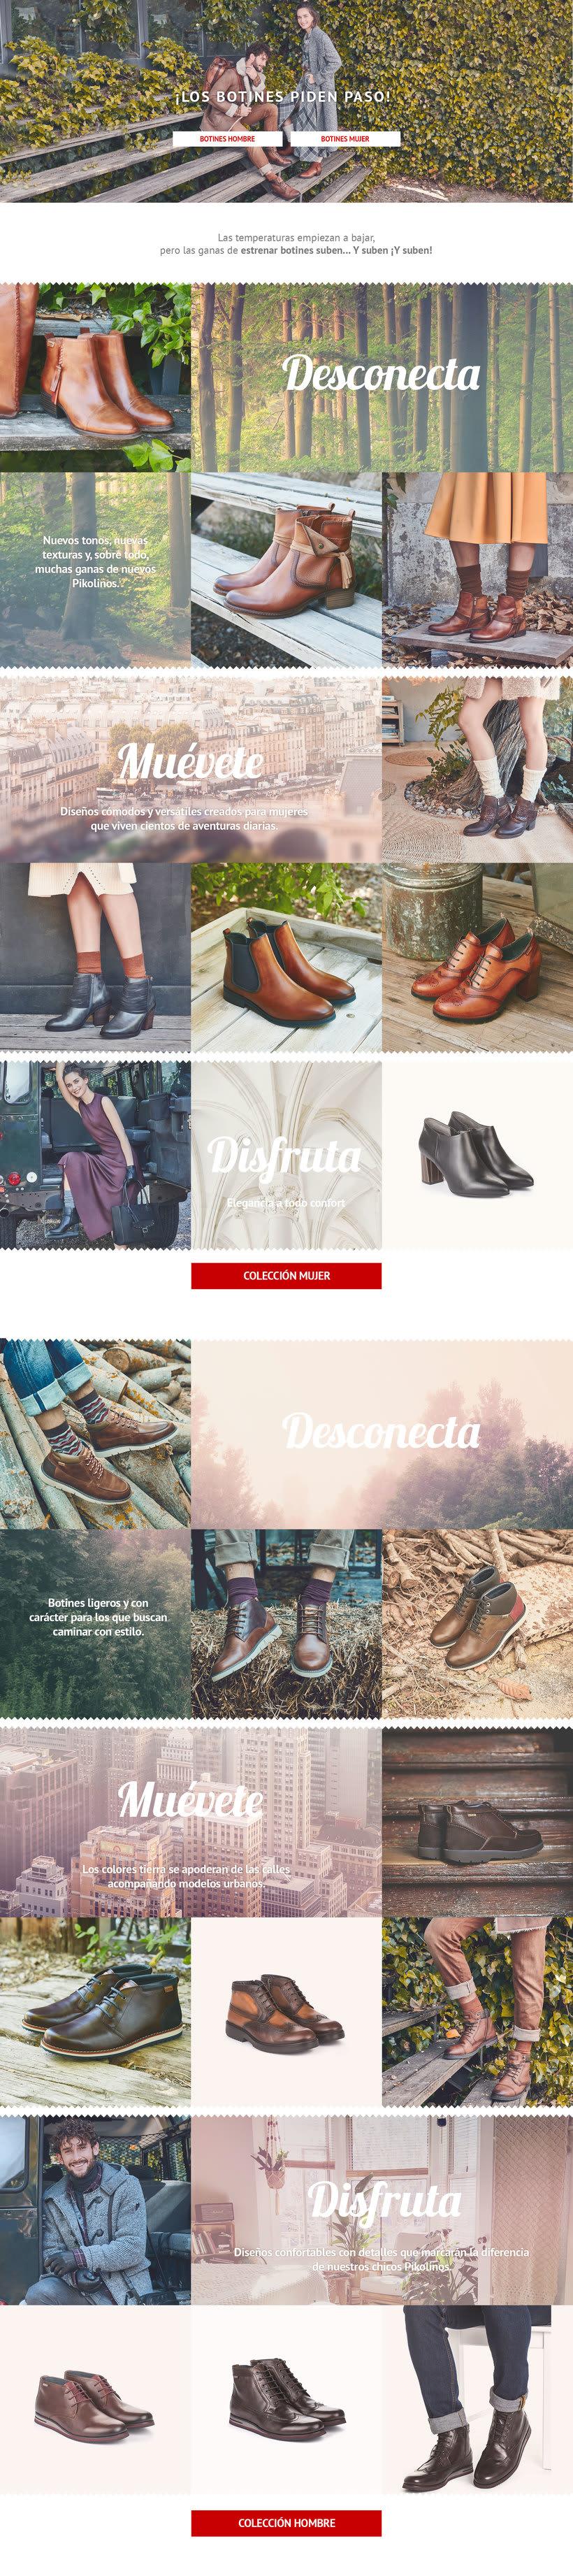 """Diseño de Lookbook A/W17 para """"botas y botines"""" de Pikolinos -1"""